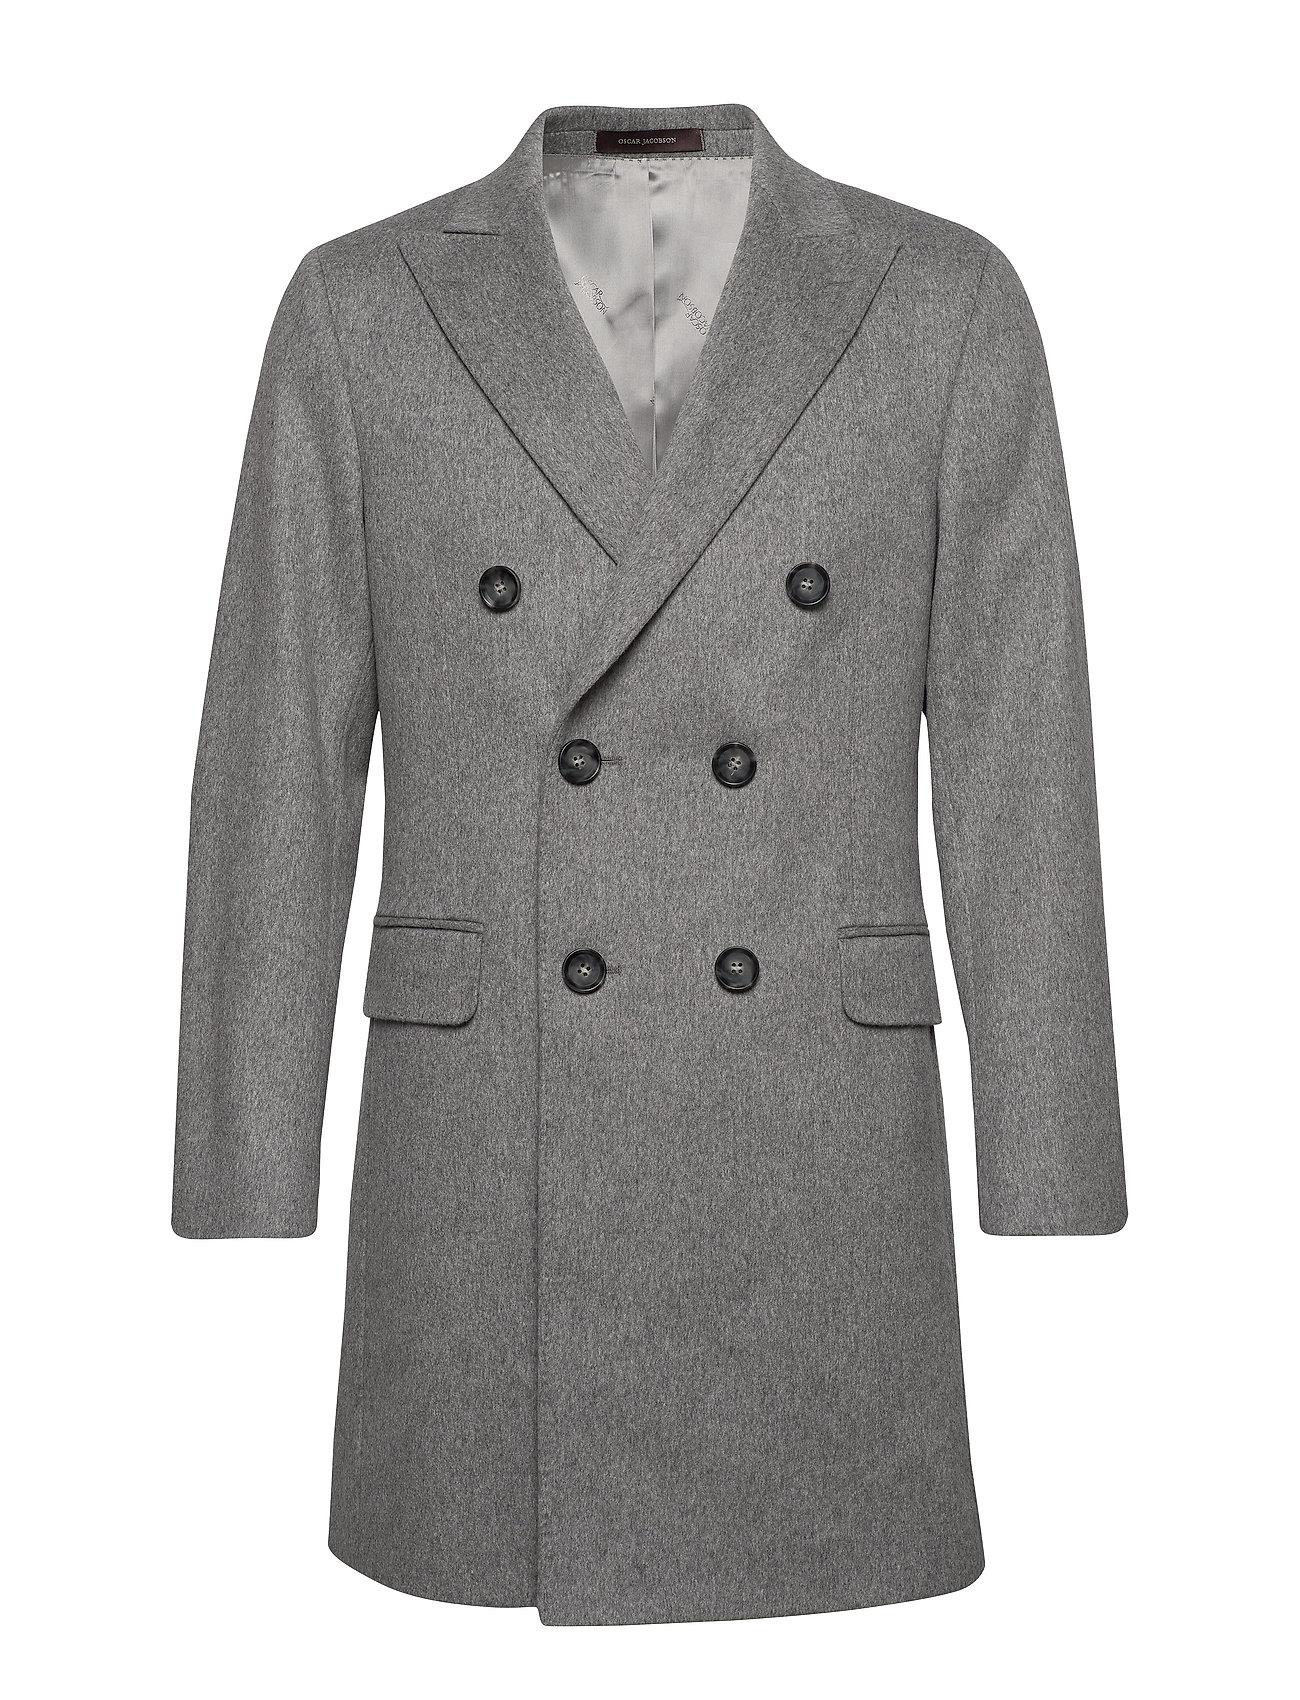 Oscar Jacobson Sebastian Coat - 185 - GREY